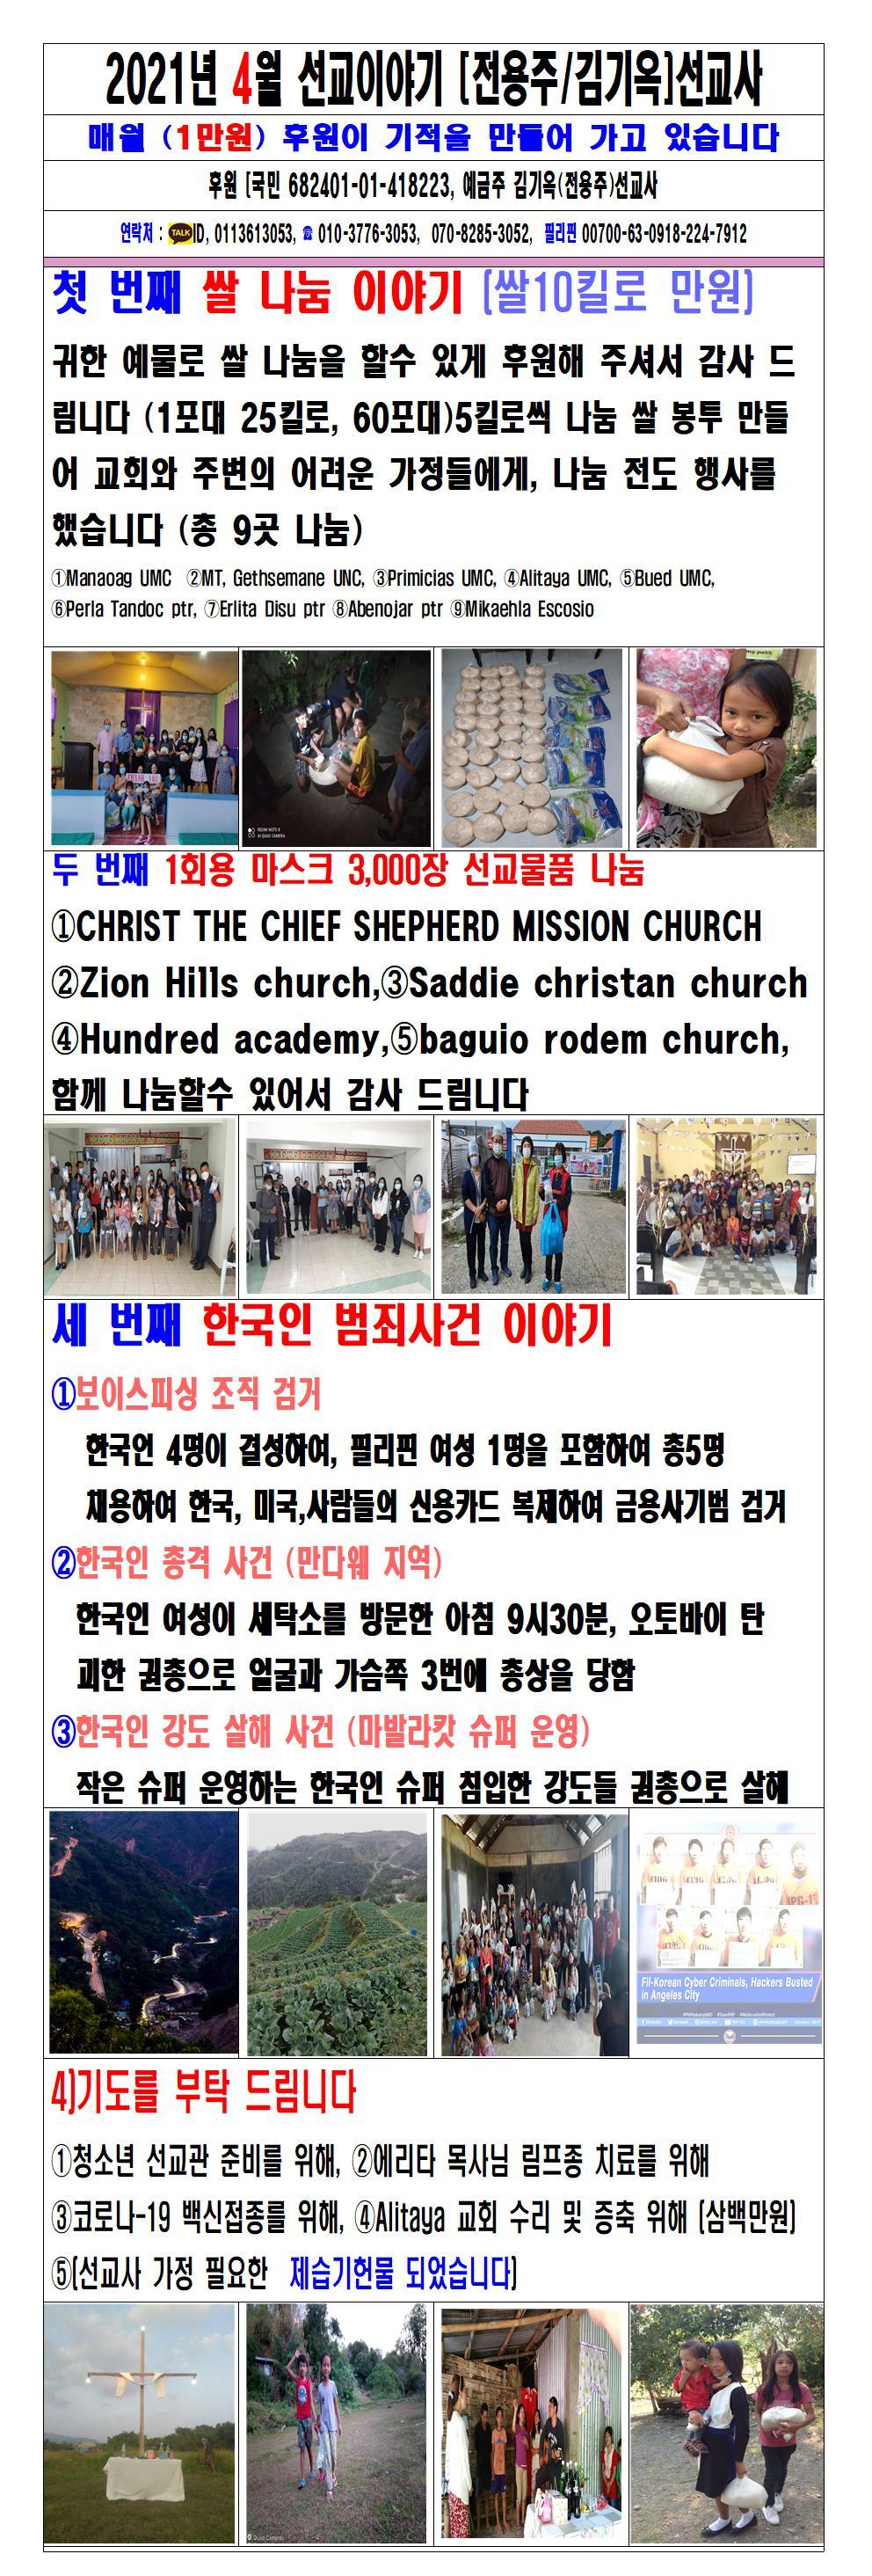 2021년 4월 선교소식 이야기 원본001.jpg